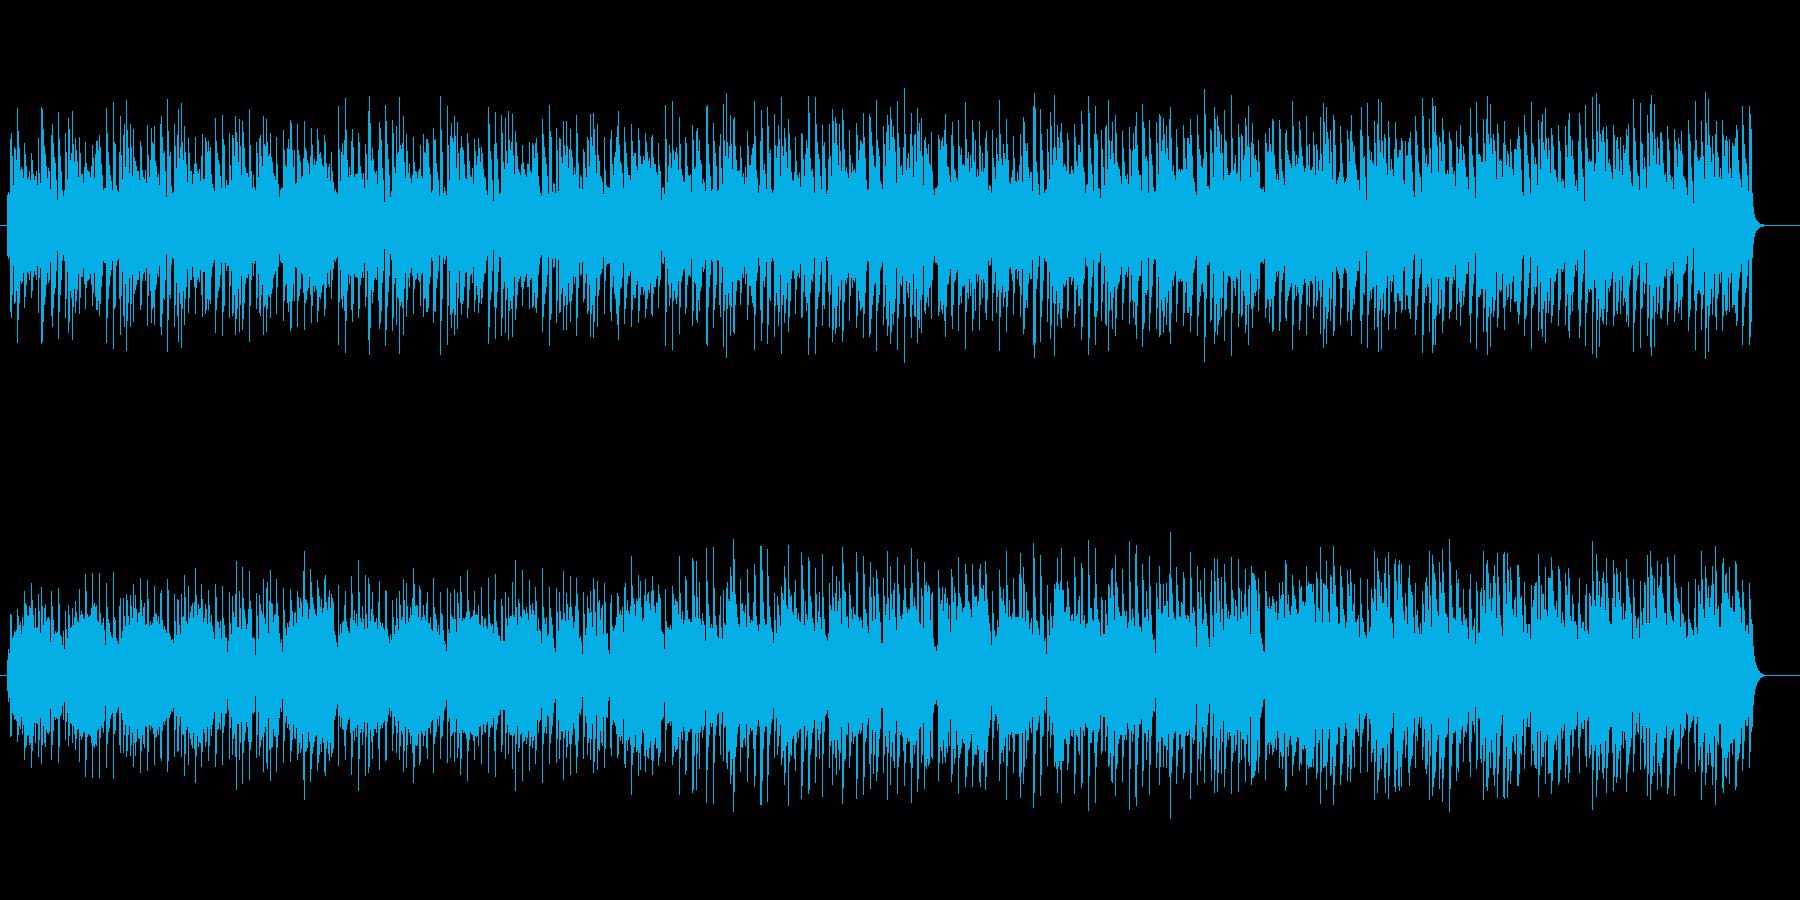 シンセサイザーの落ち着いたポップスの再生済みの波形